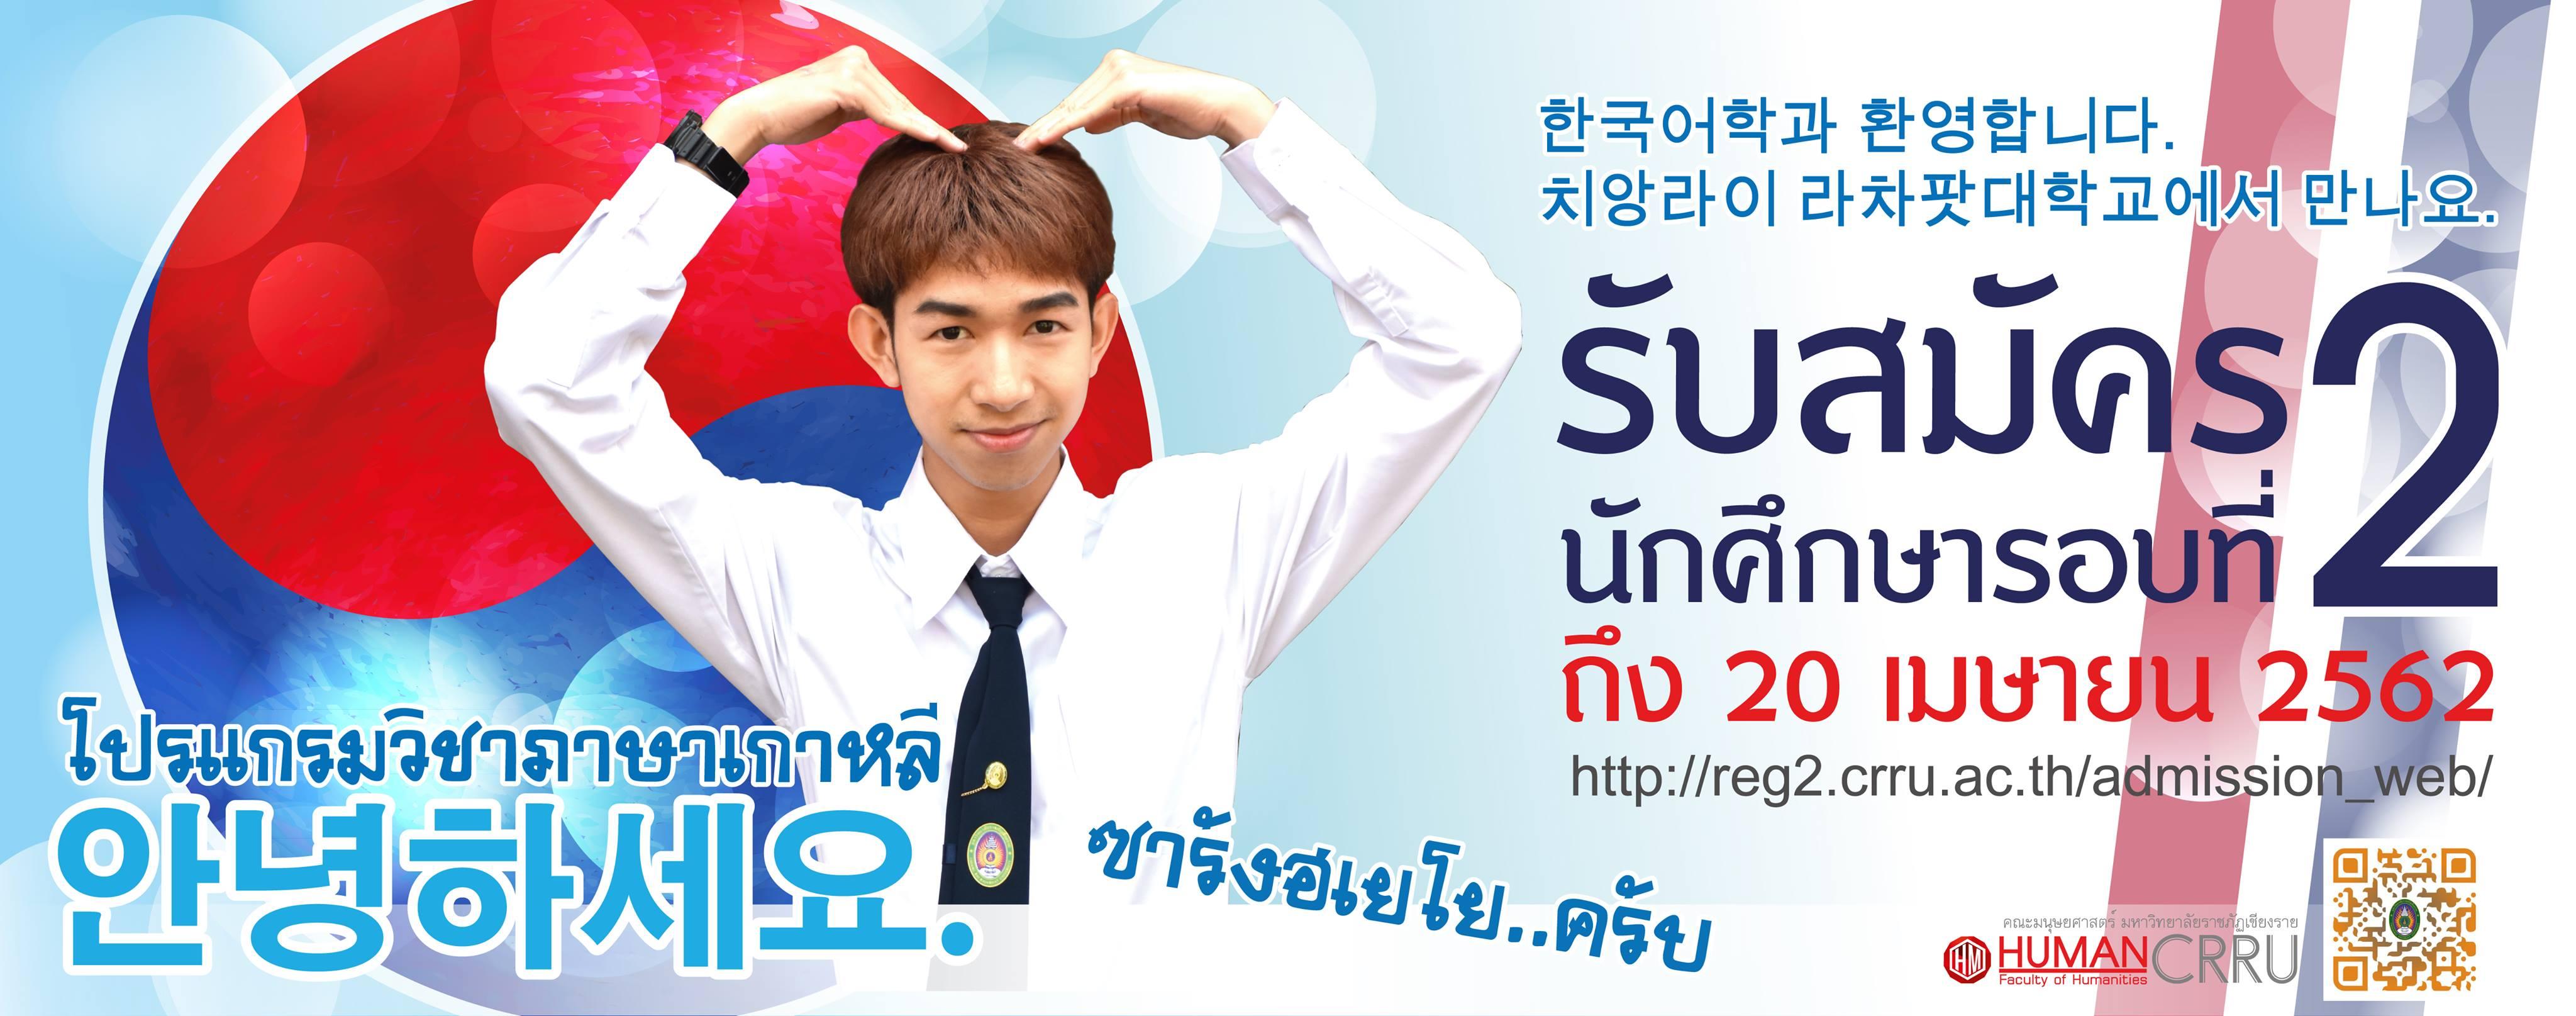 รับนักศึกษาเกาหลี